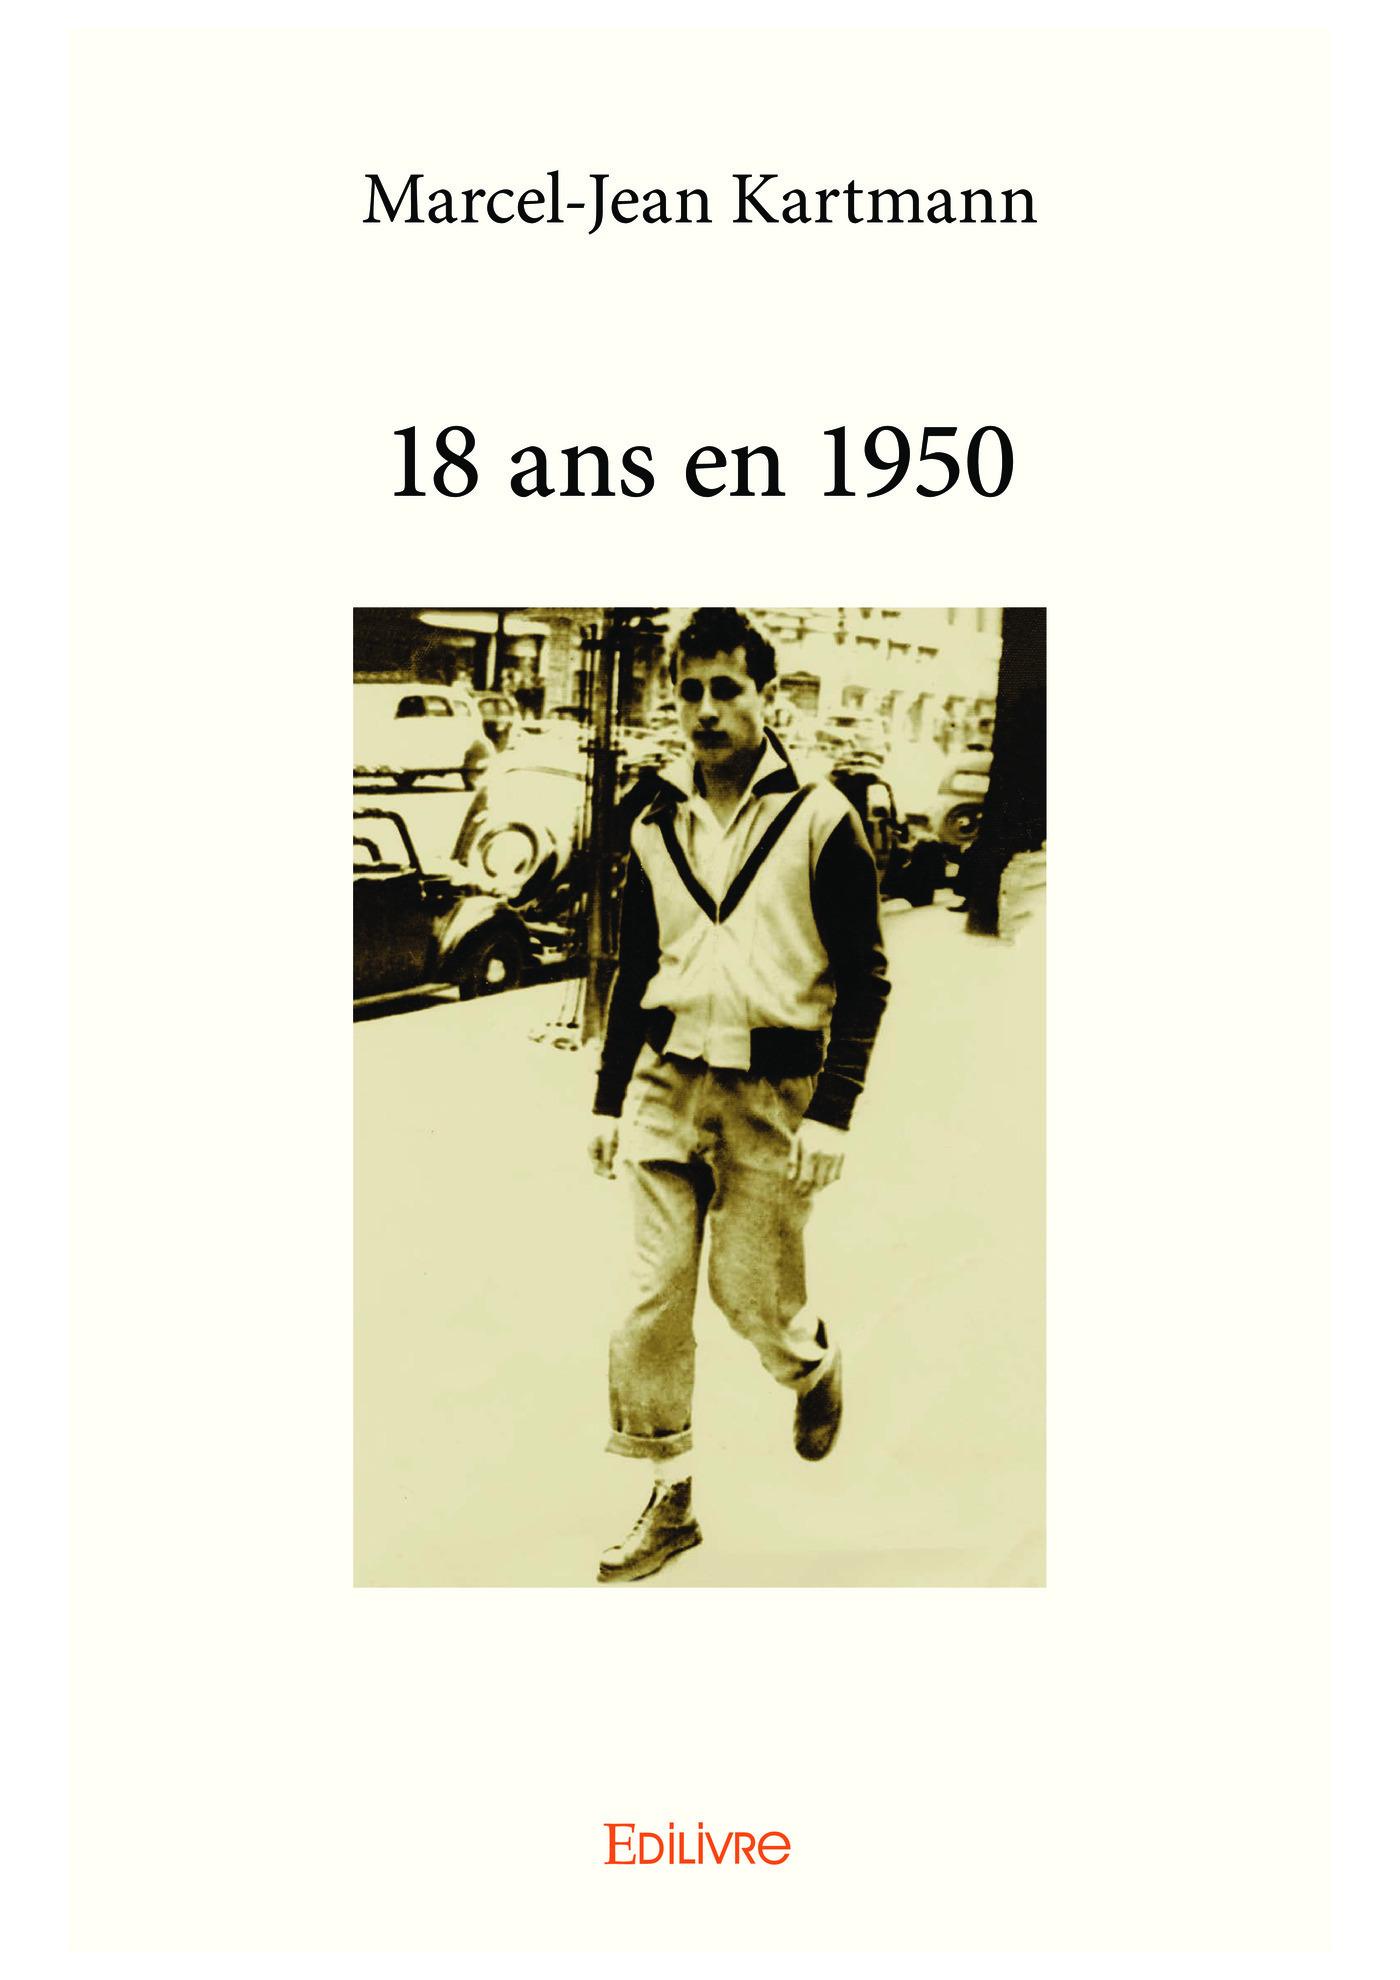 18 ans en 1950  - Marcel-Jean Kartmann